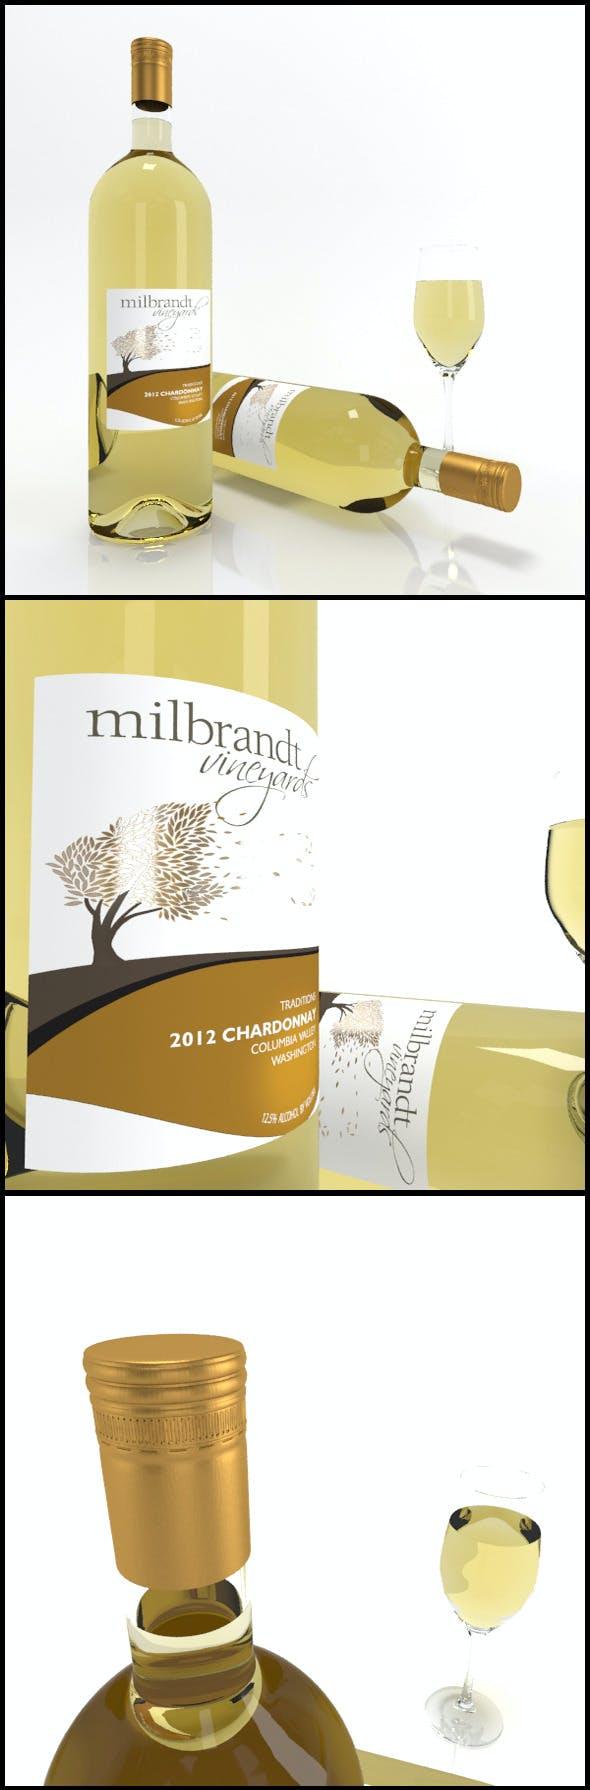 Chardonnay wine bottles & full glass: Milbrandt - 3DOcean Item for Sale